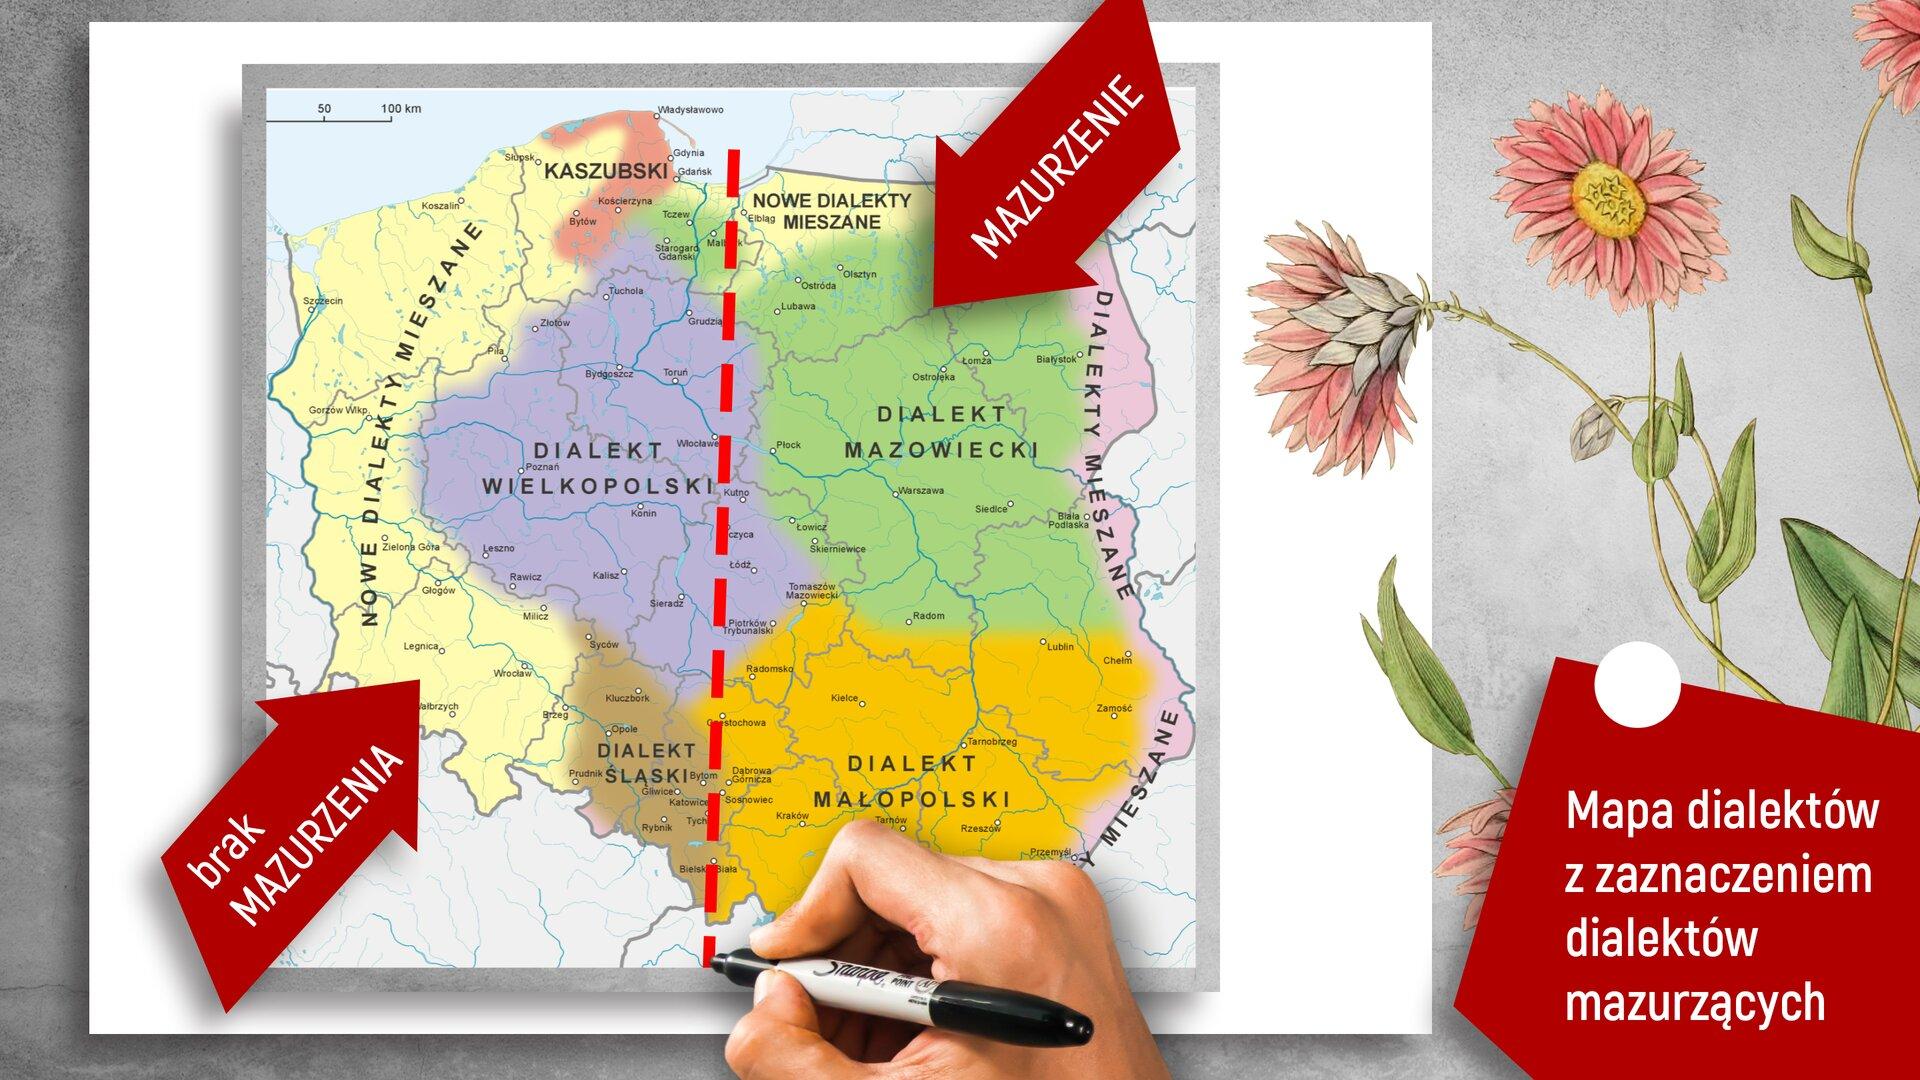 """Ilustracja przedstawia mapę Polski podzieloną na dialekty. Każdy znich jest oznaczony innym kolorem. Mapa jest również przedzielona wpołowie czerwoną przerywaną kreską. Wlewej części znajduje się czerwona strzałka znapisem: """"brak MAZURZENIA"""", apo drugiej stronie taka sama strzałka, ale znapisem: """"MAZURZENIE"""". Wprawym dolnym rogu umieszczono czerwony czworobok, awnim napis: """"Mapa dialektów zzaznaczeniem dialektów mazurzących""""."""